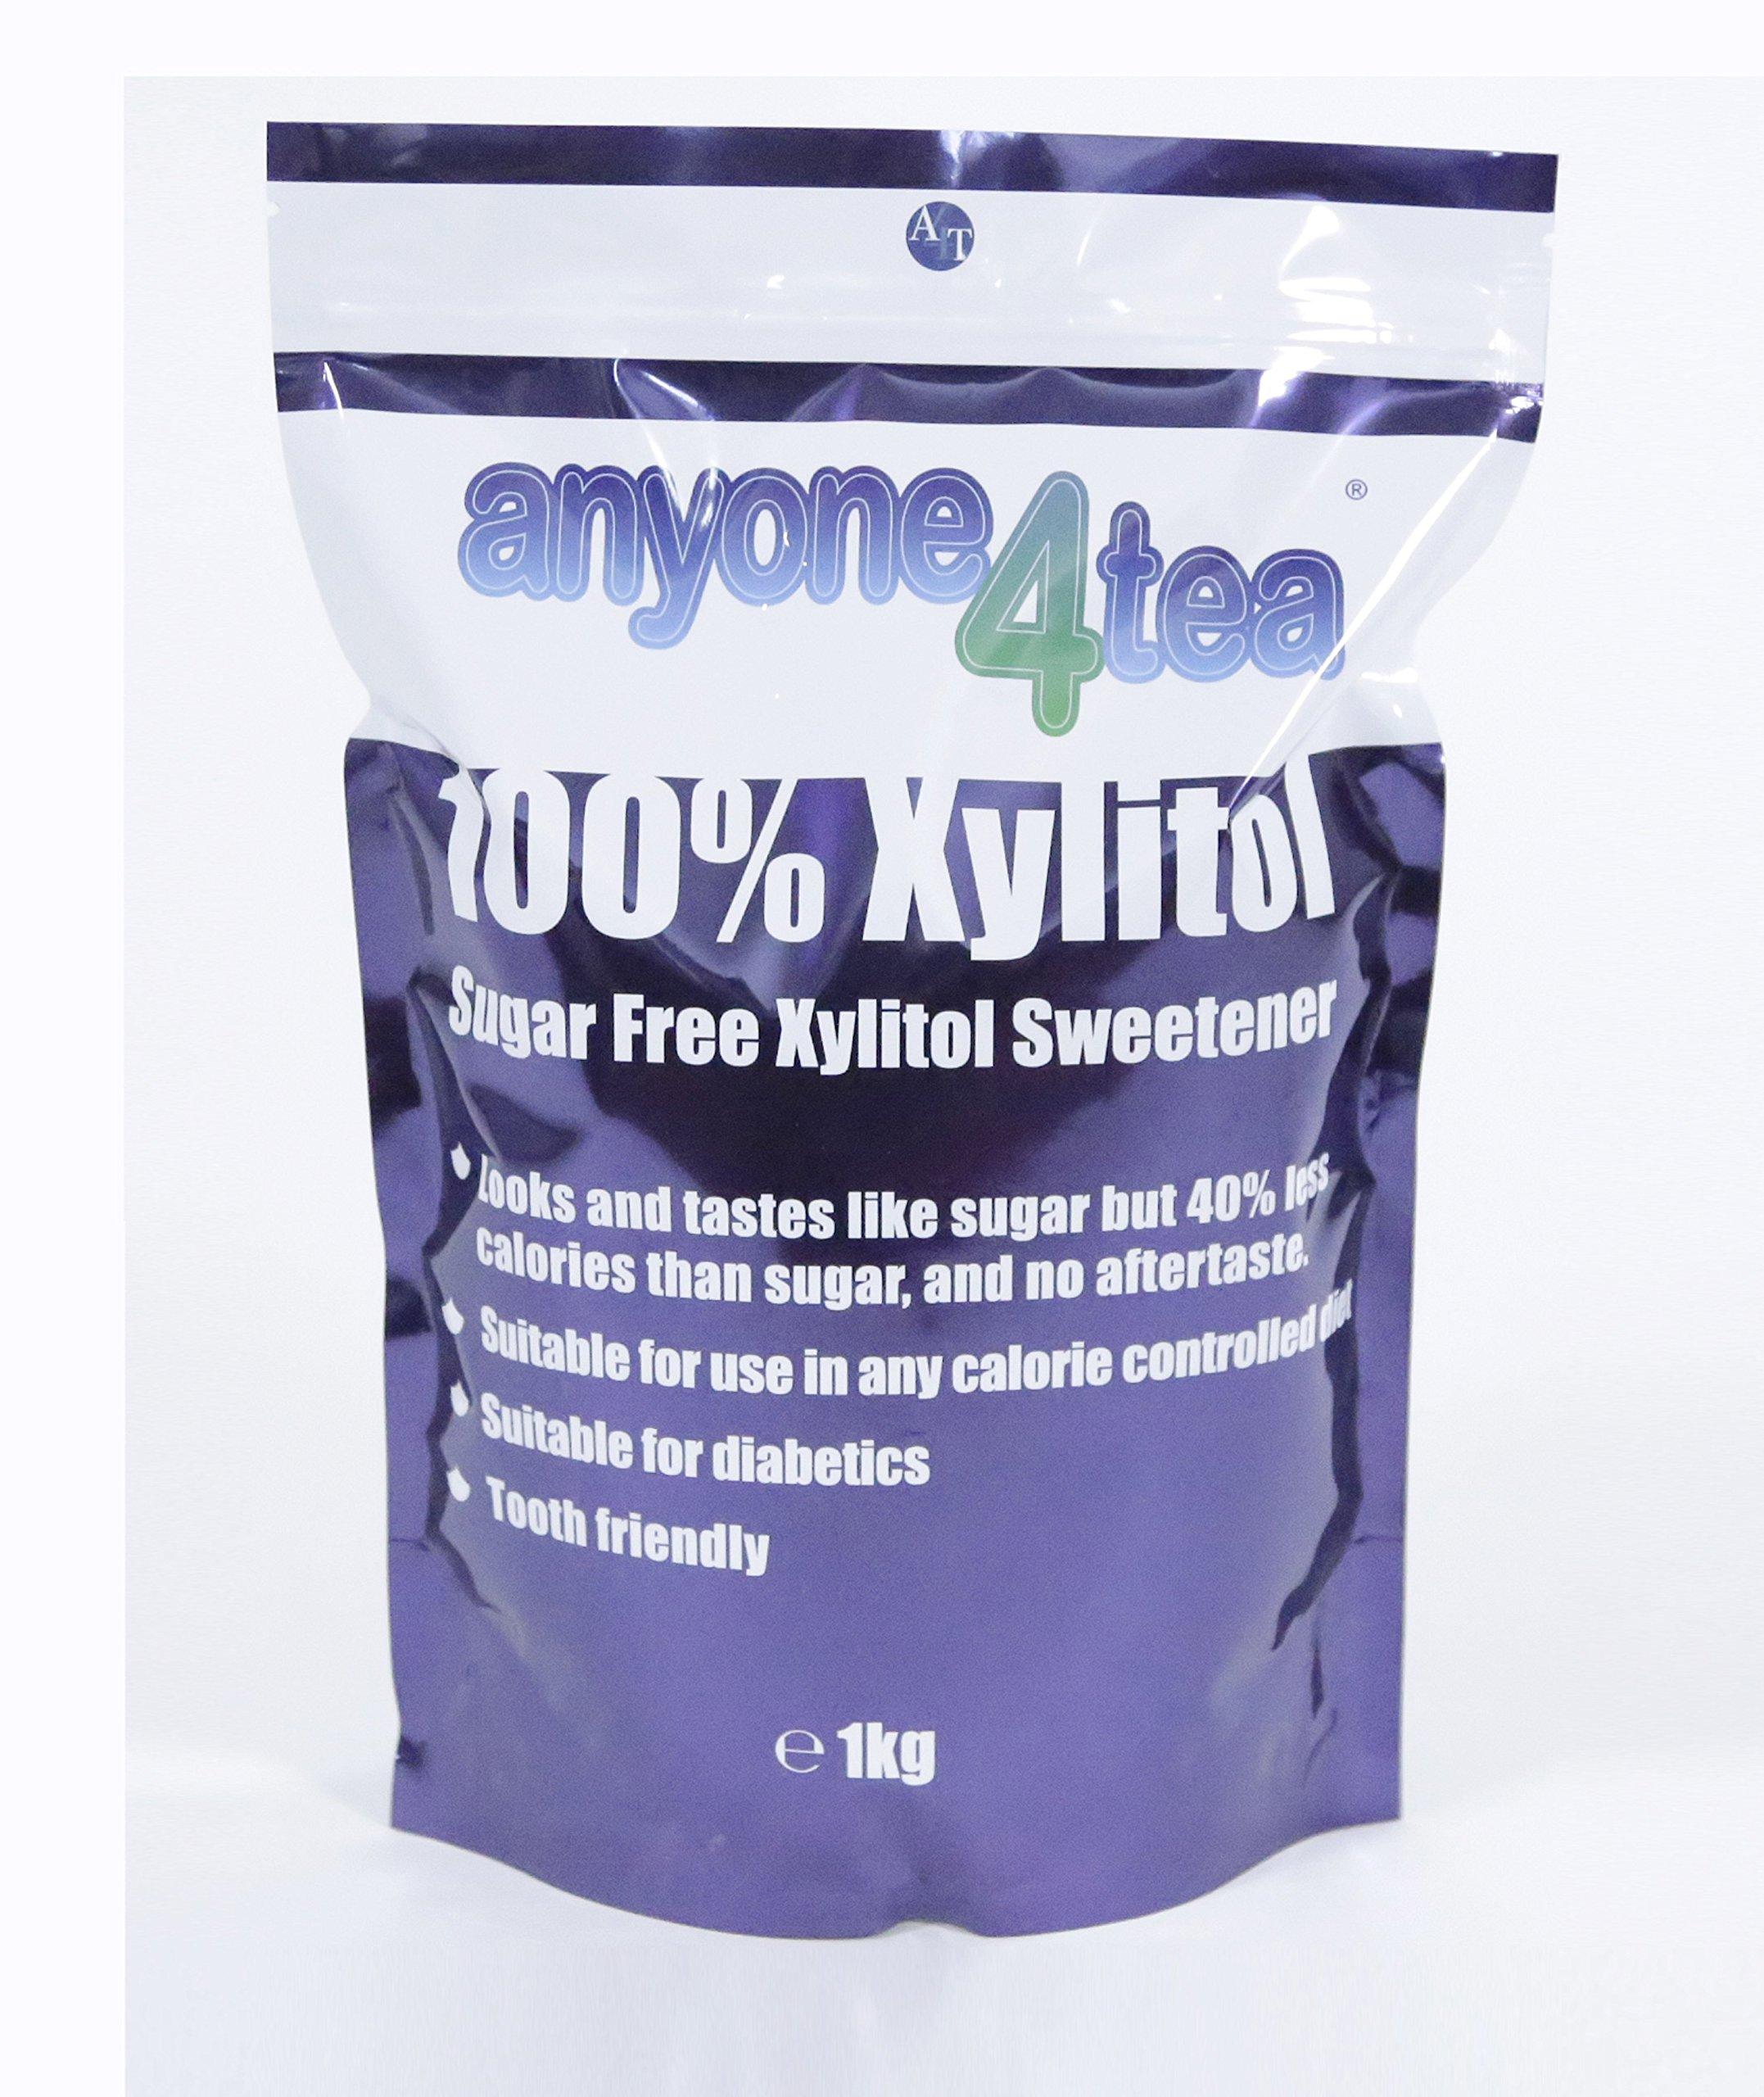 Xylotreat Xylitol Sweetener 1kg